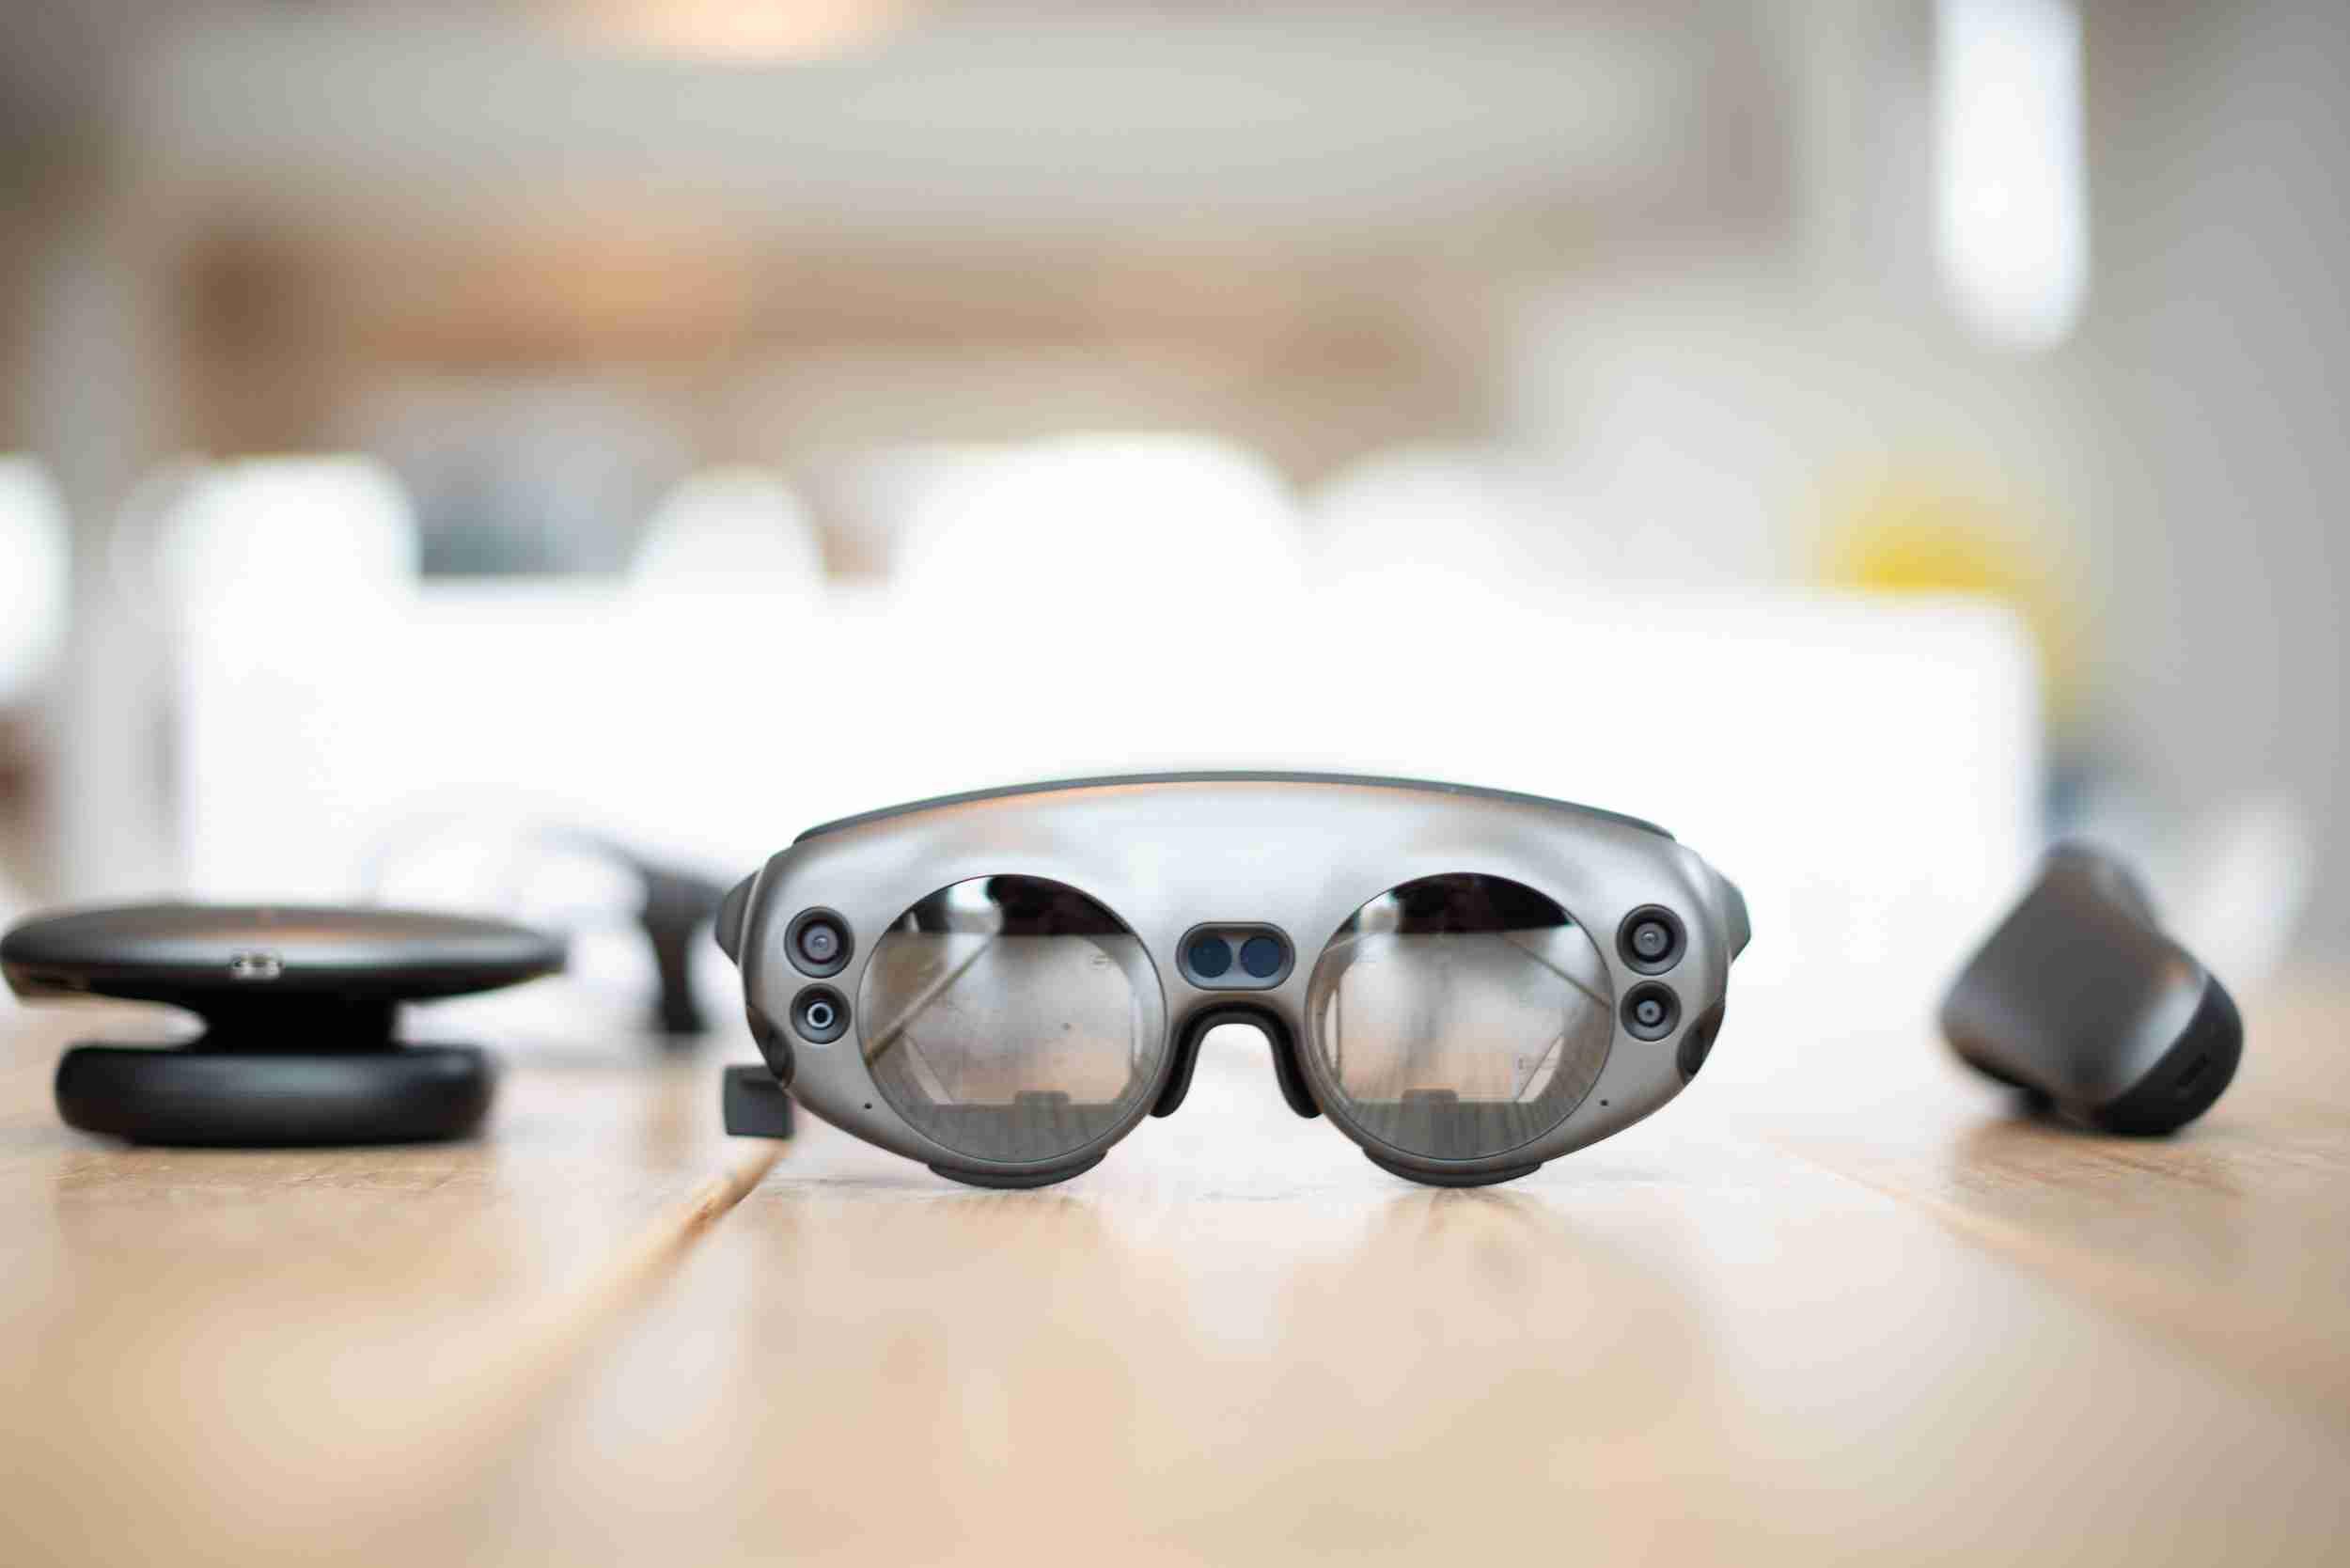 Magic Leap, investimenti da 500 milioni di dollari per i nuovi visore (Adobe Stock)